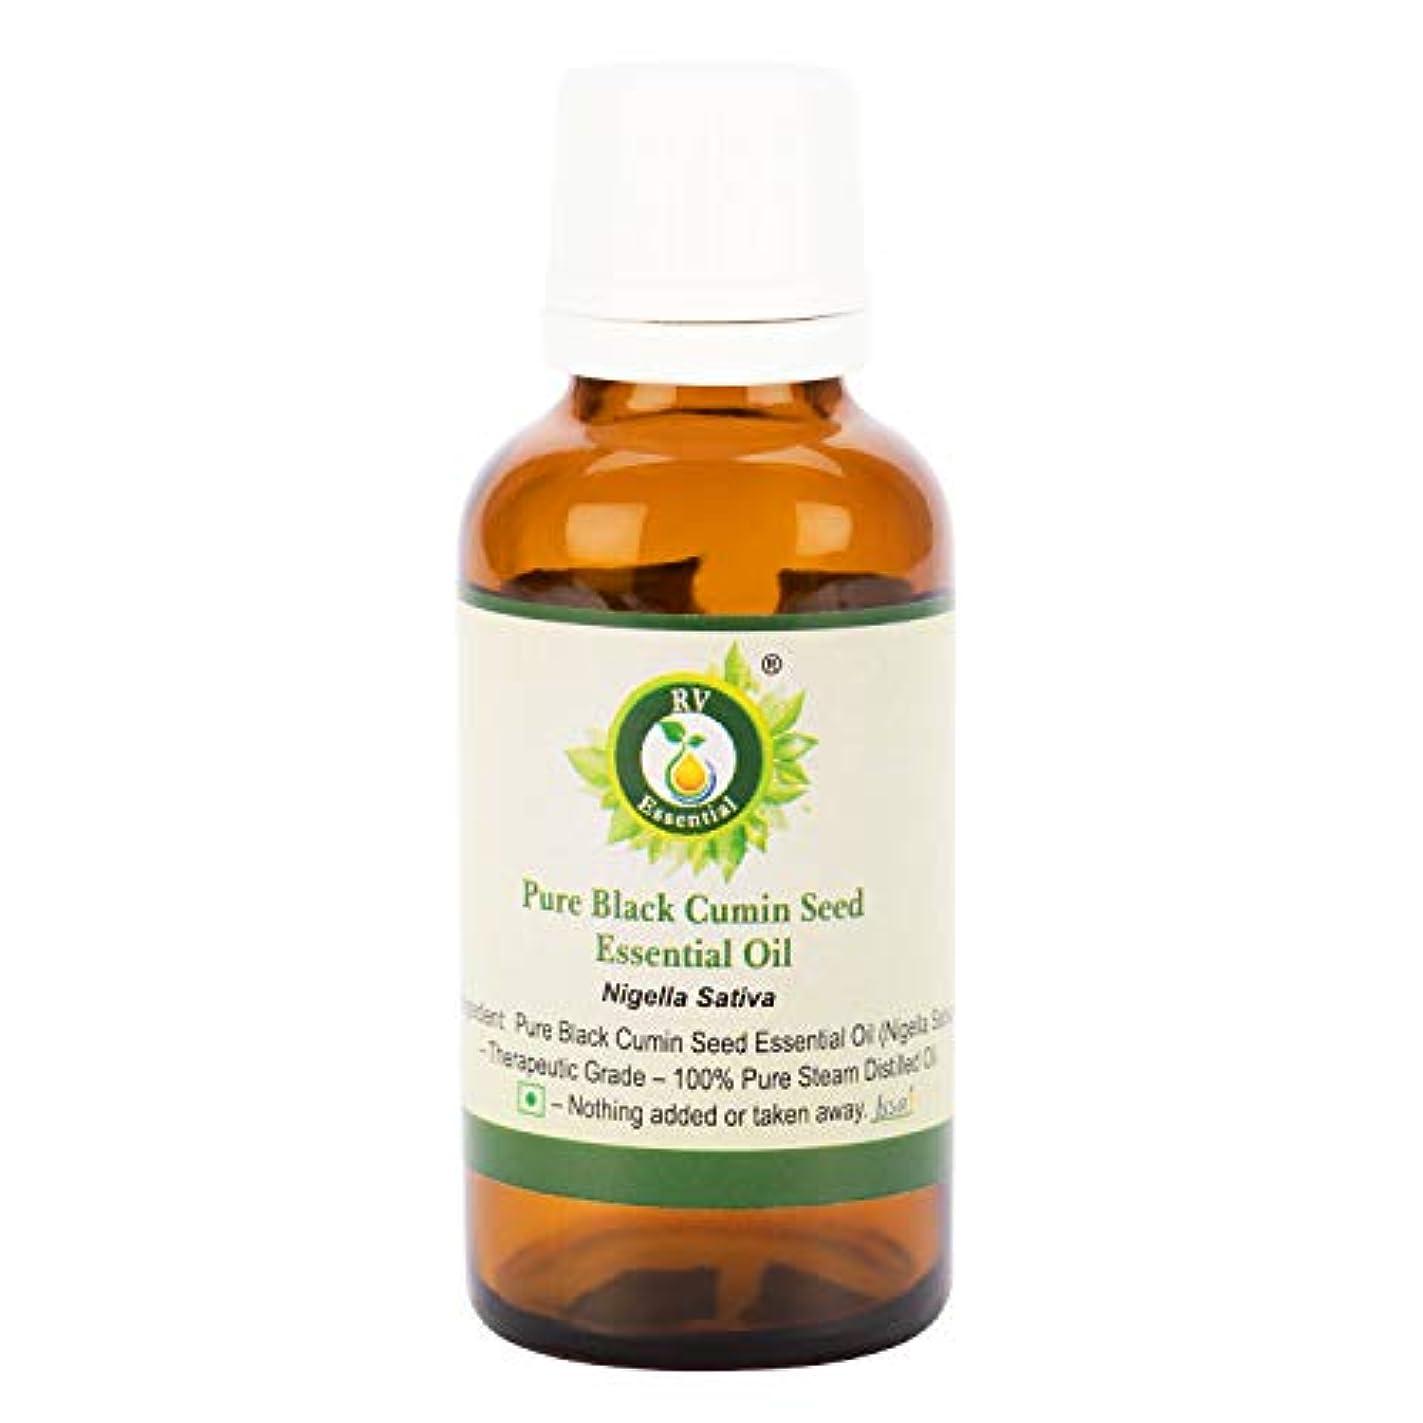 チャンピオンシップ技術者石鹸ピュアブラッククミンシードエッセンシャルオイル5ml (0.169oz)- Nigella Sativa (100%純粋&天然スチームDistilled) Pure Black Cumin Seed Essential...